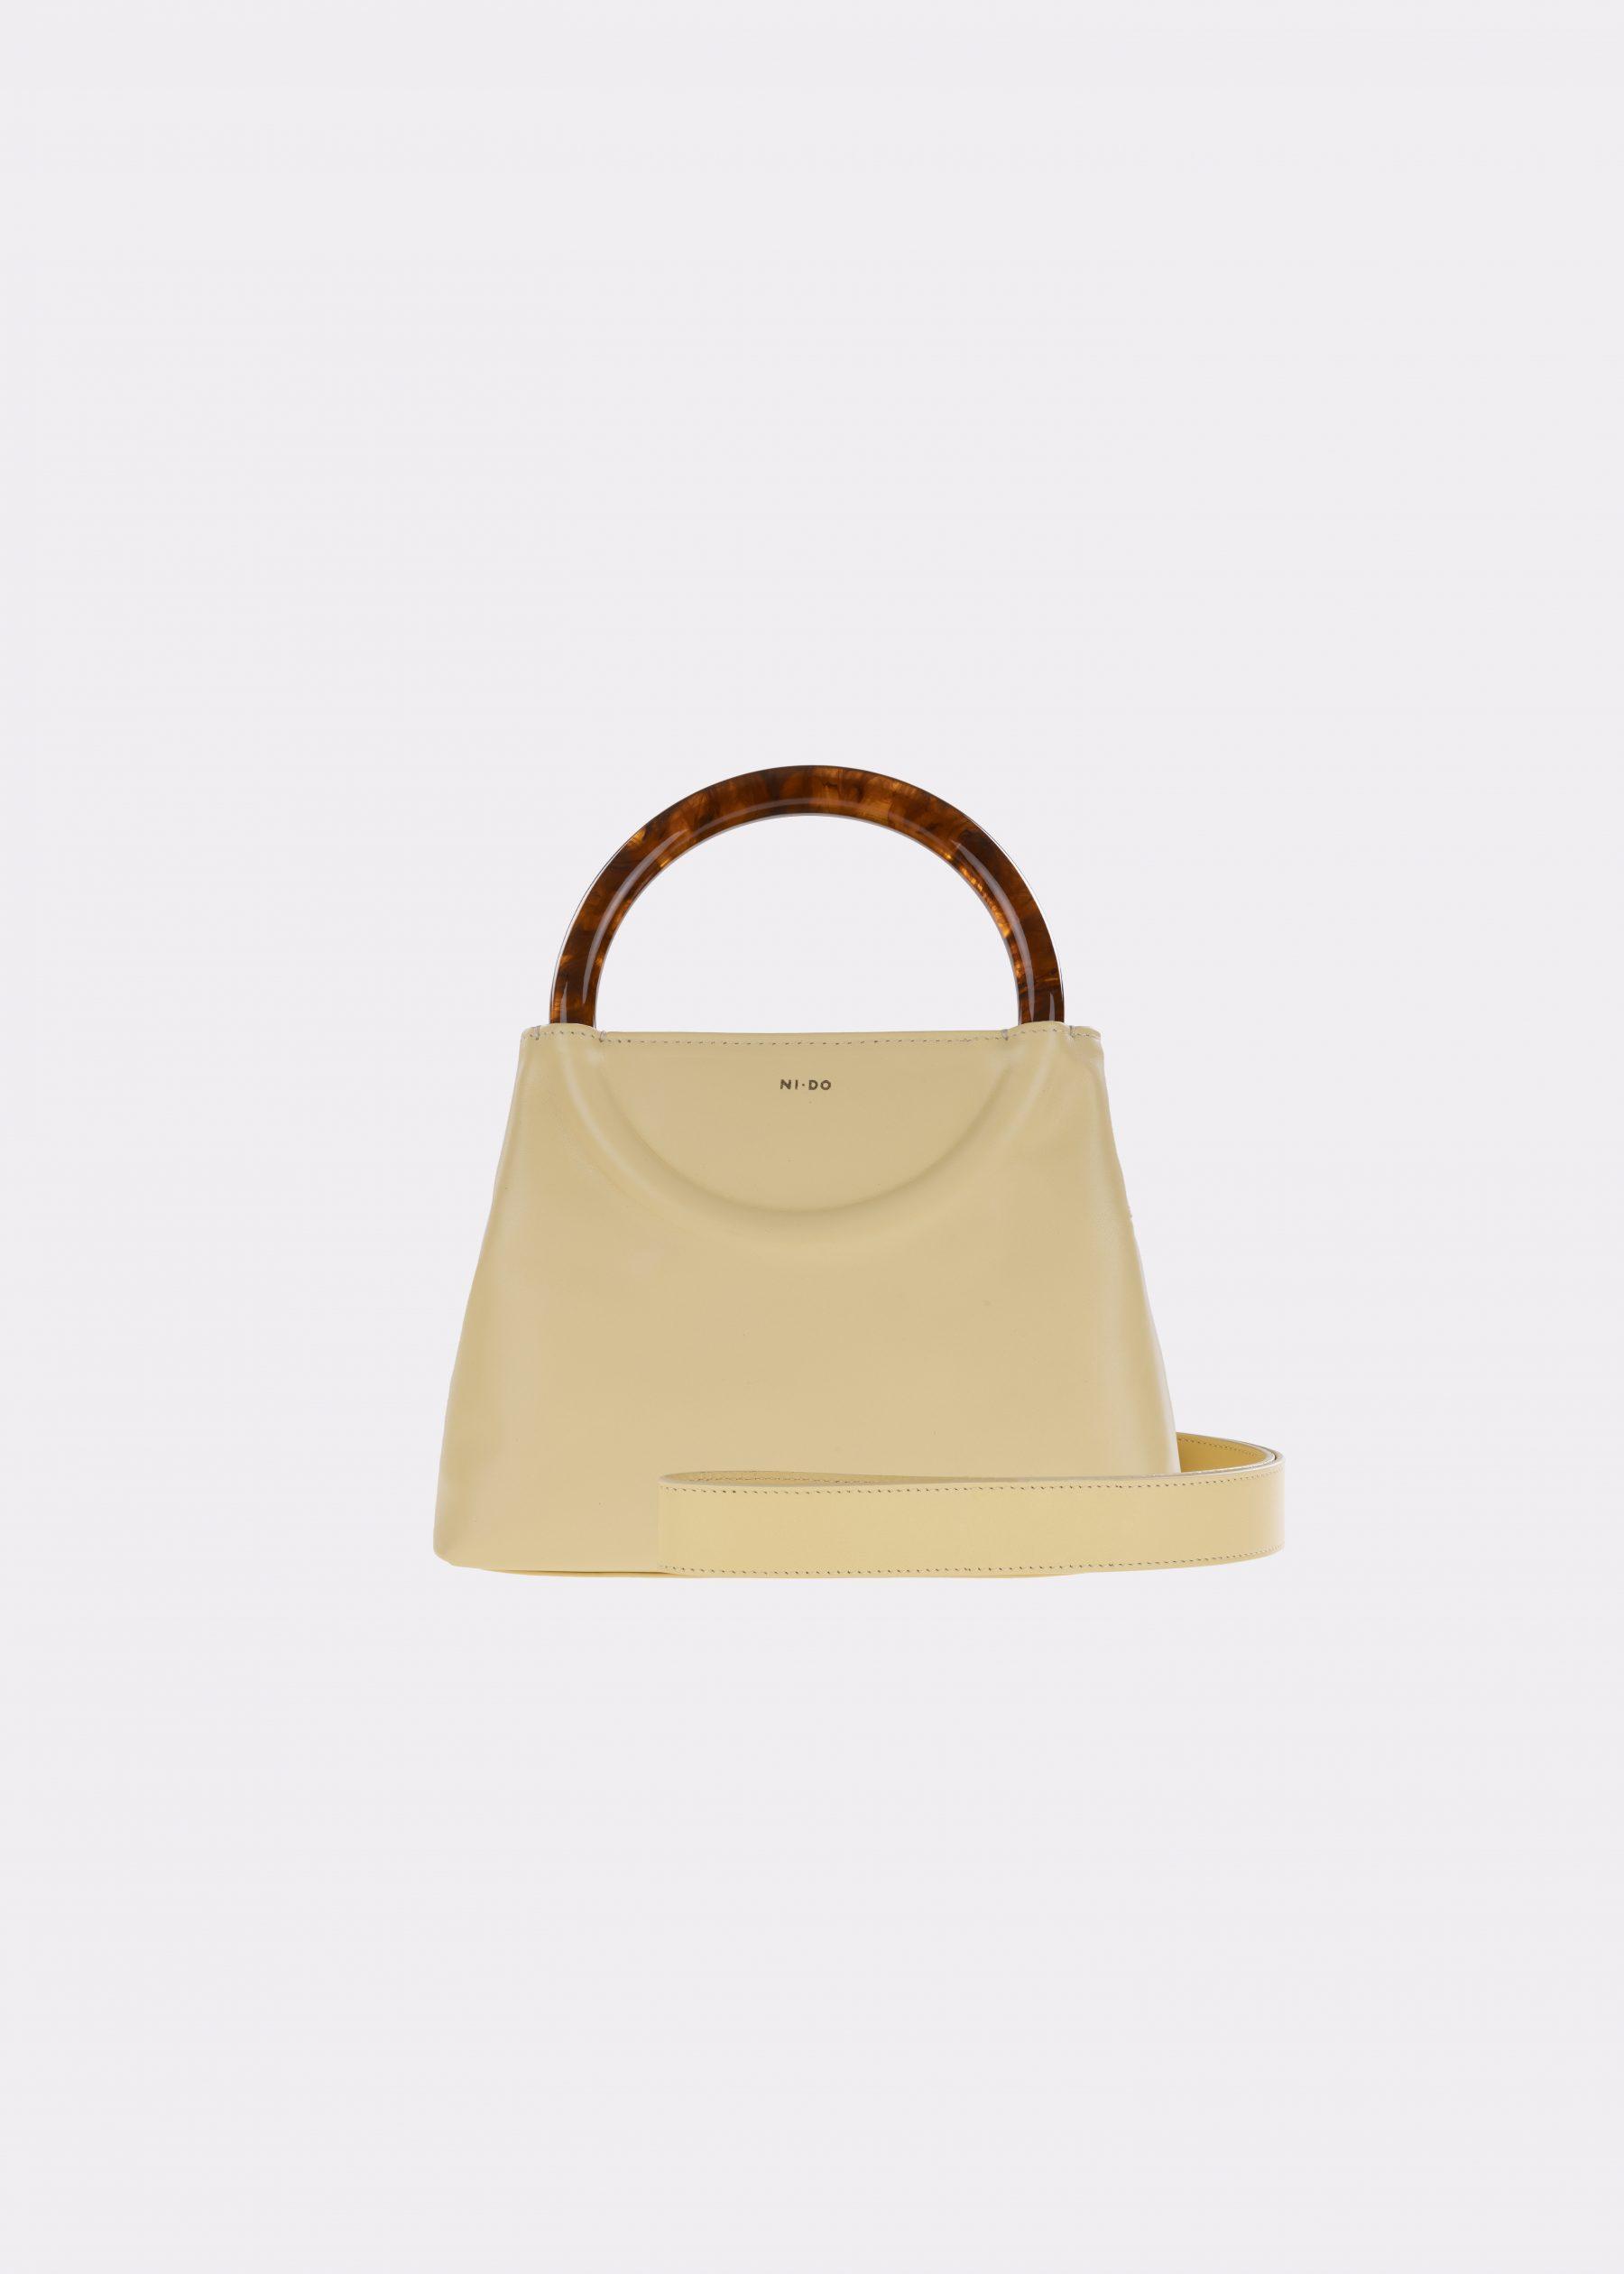 NIDO-Bolla_Mini-bag-lemontart-Amber_shoulderstrap view